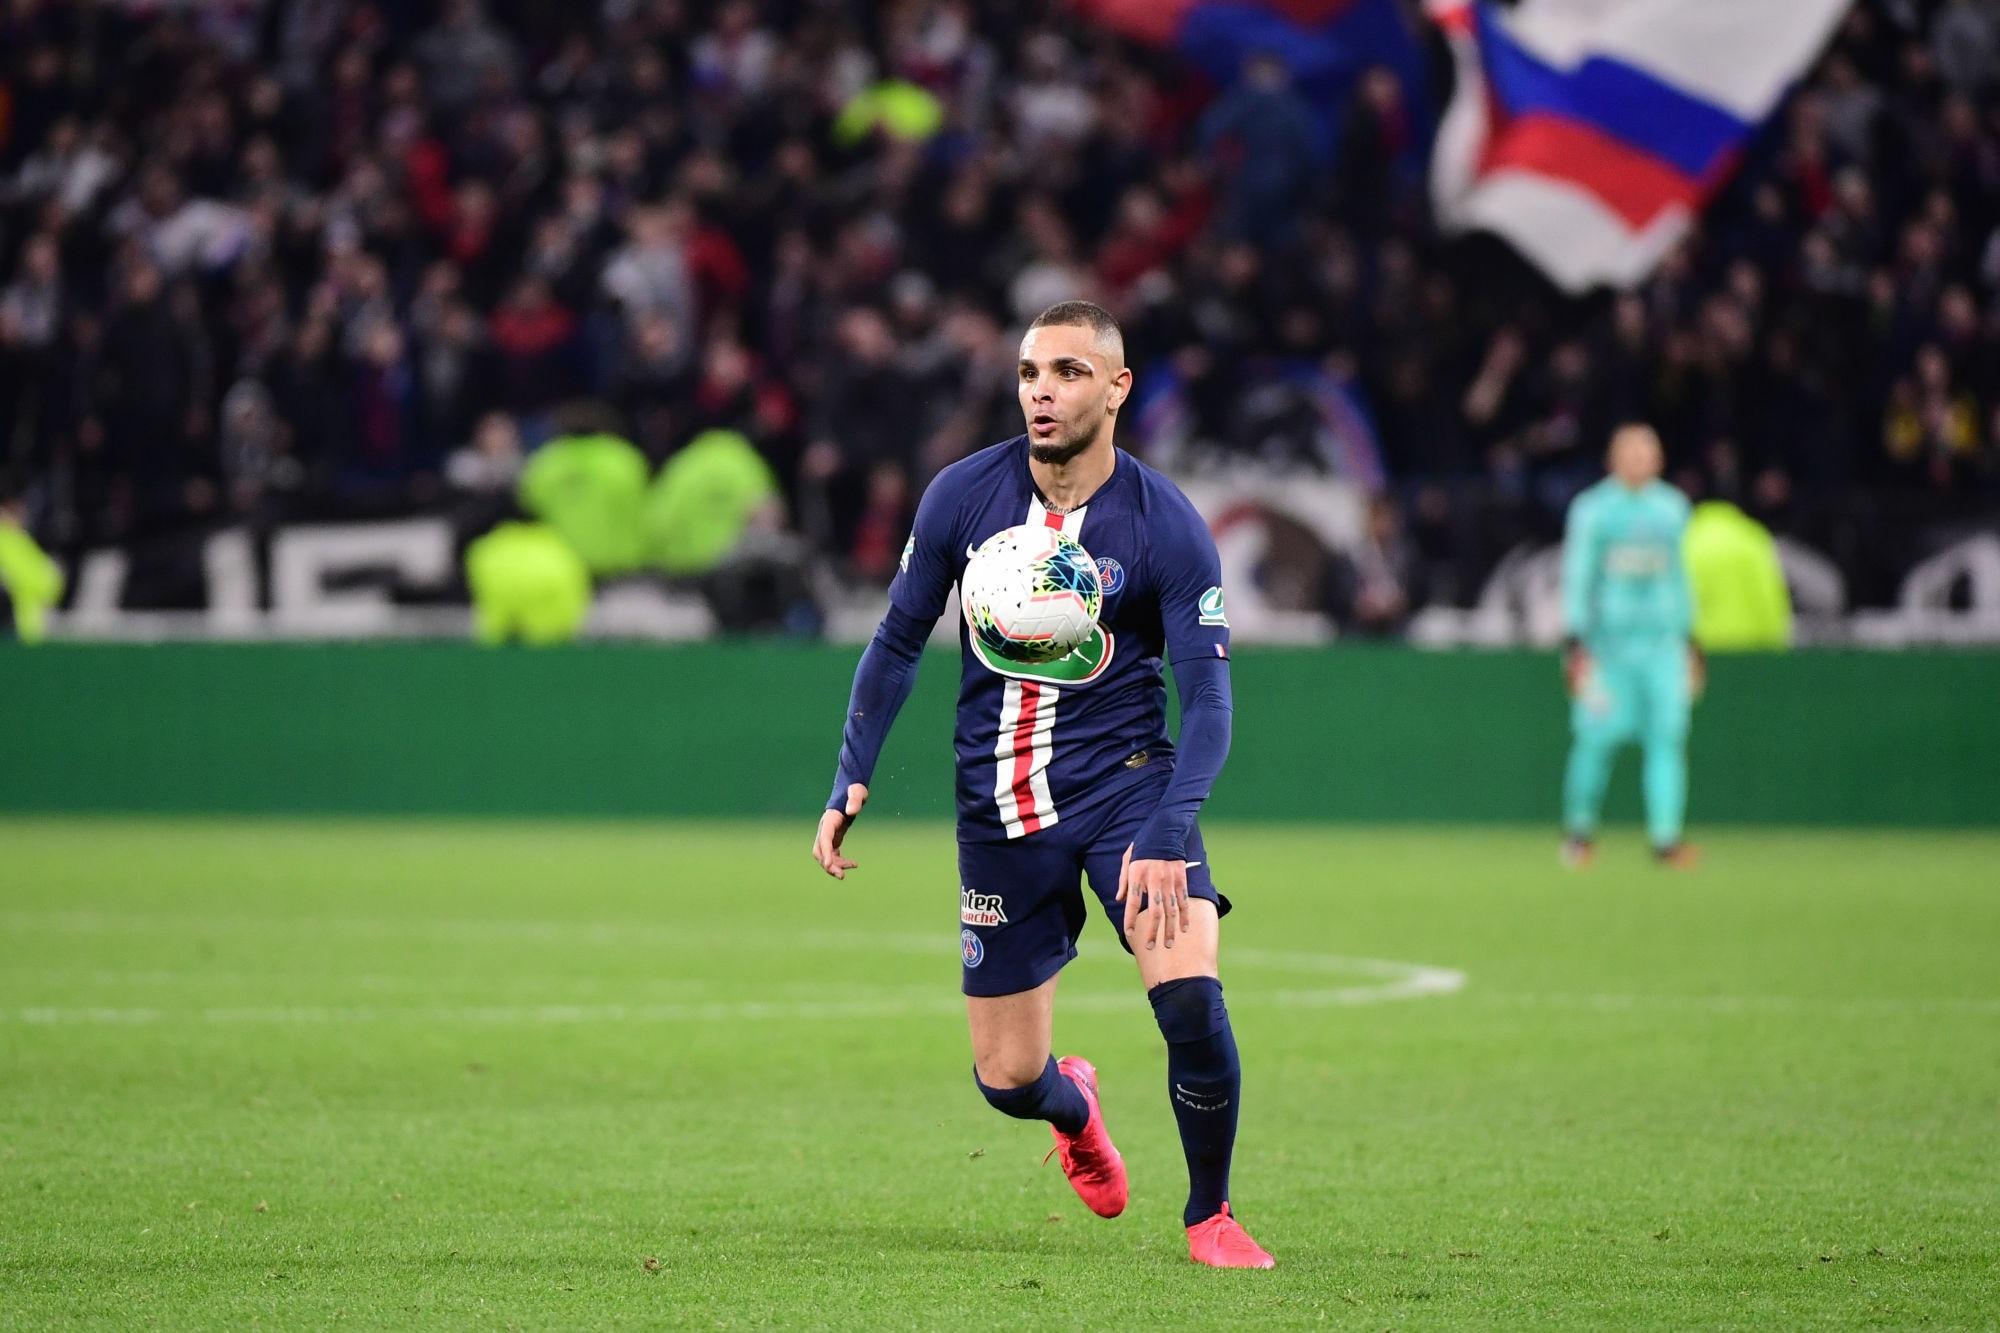 Kurzawa revient sur le titre en Ligue 1 et évoque le Final 8 en Ligue des Champions